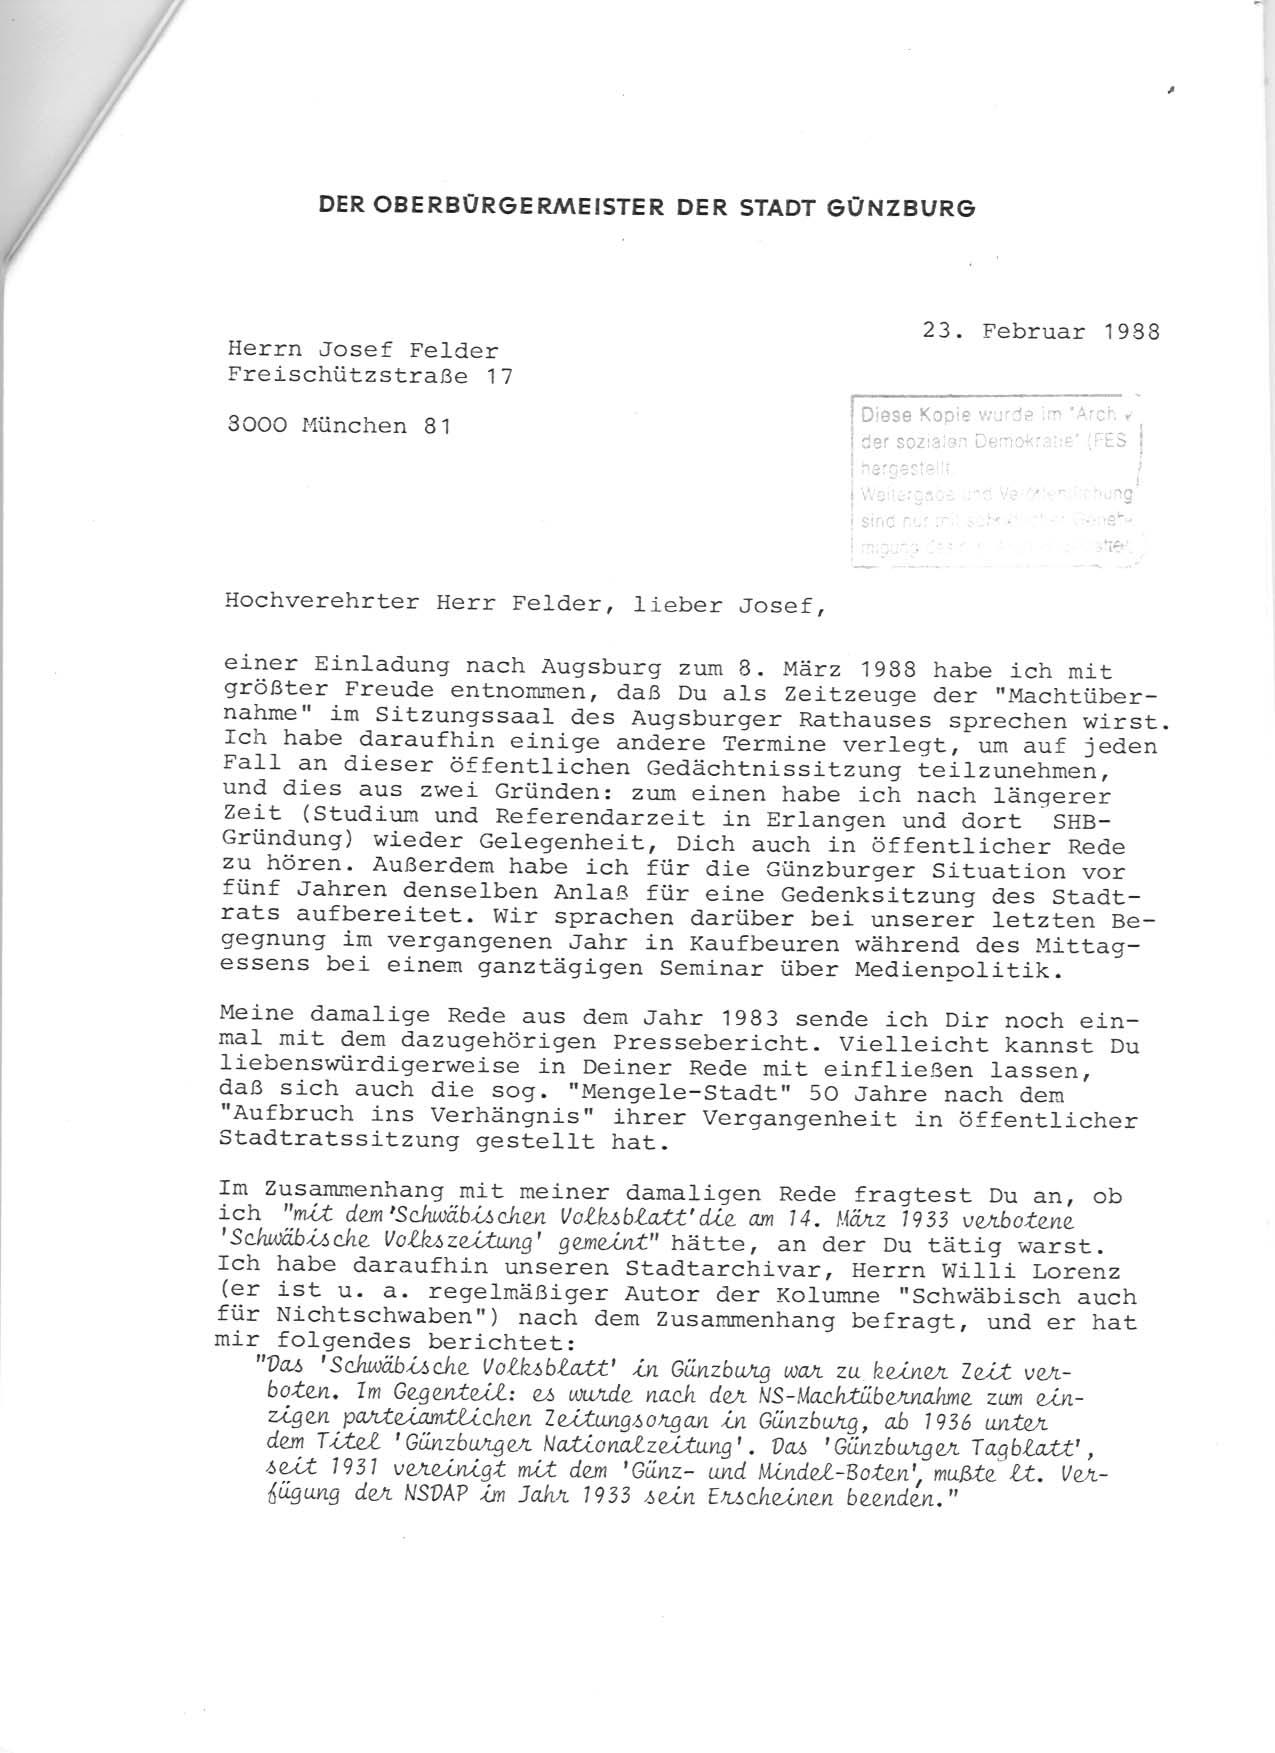 prjekt: jf - korrespondenzen, Einladung